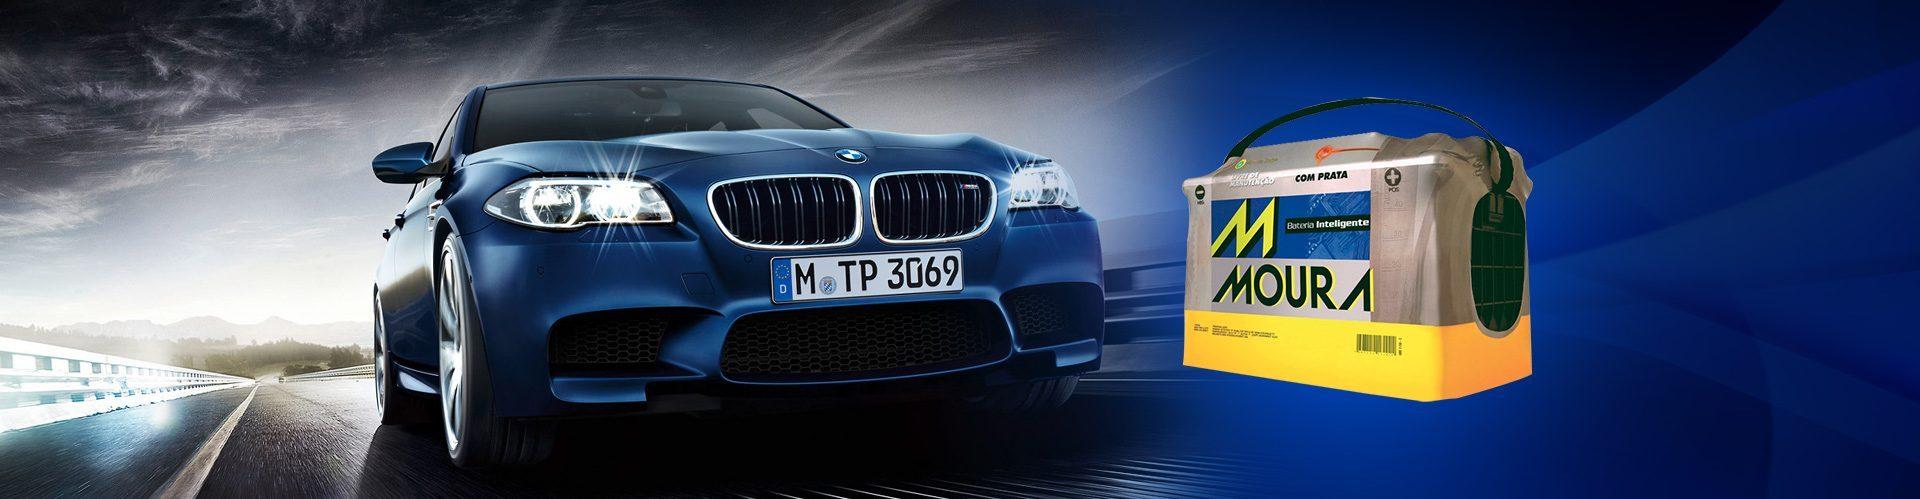 Bateria Automotiva bh, Baterias bh, Preço baterias bh, Baterias 24 horas